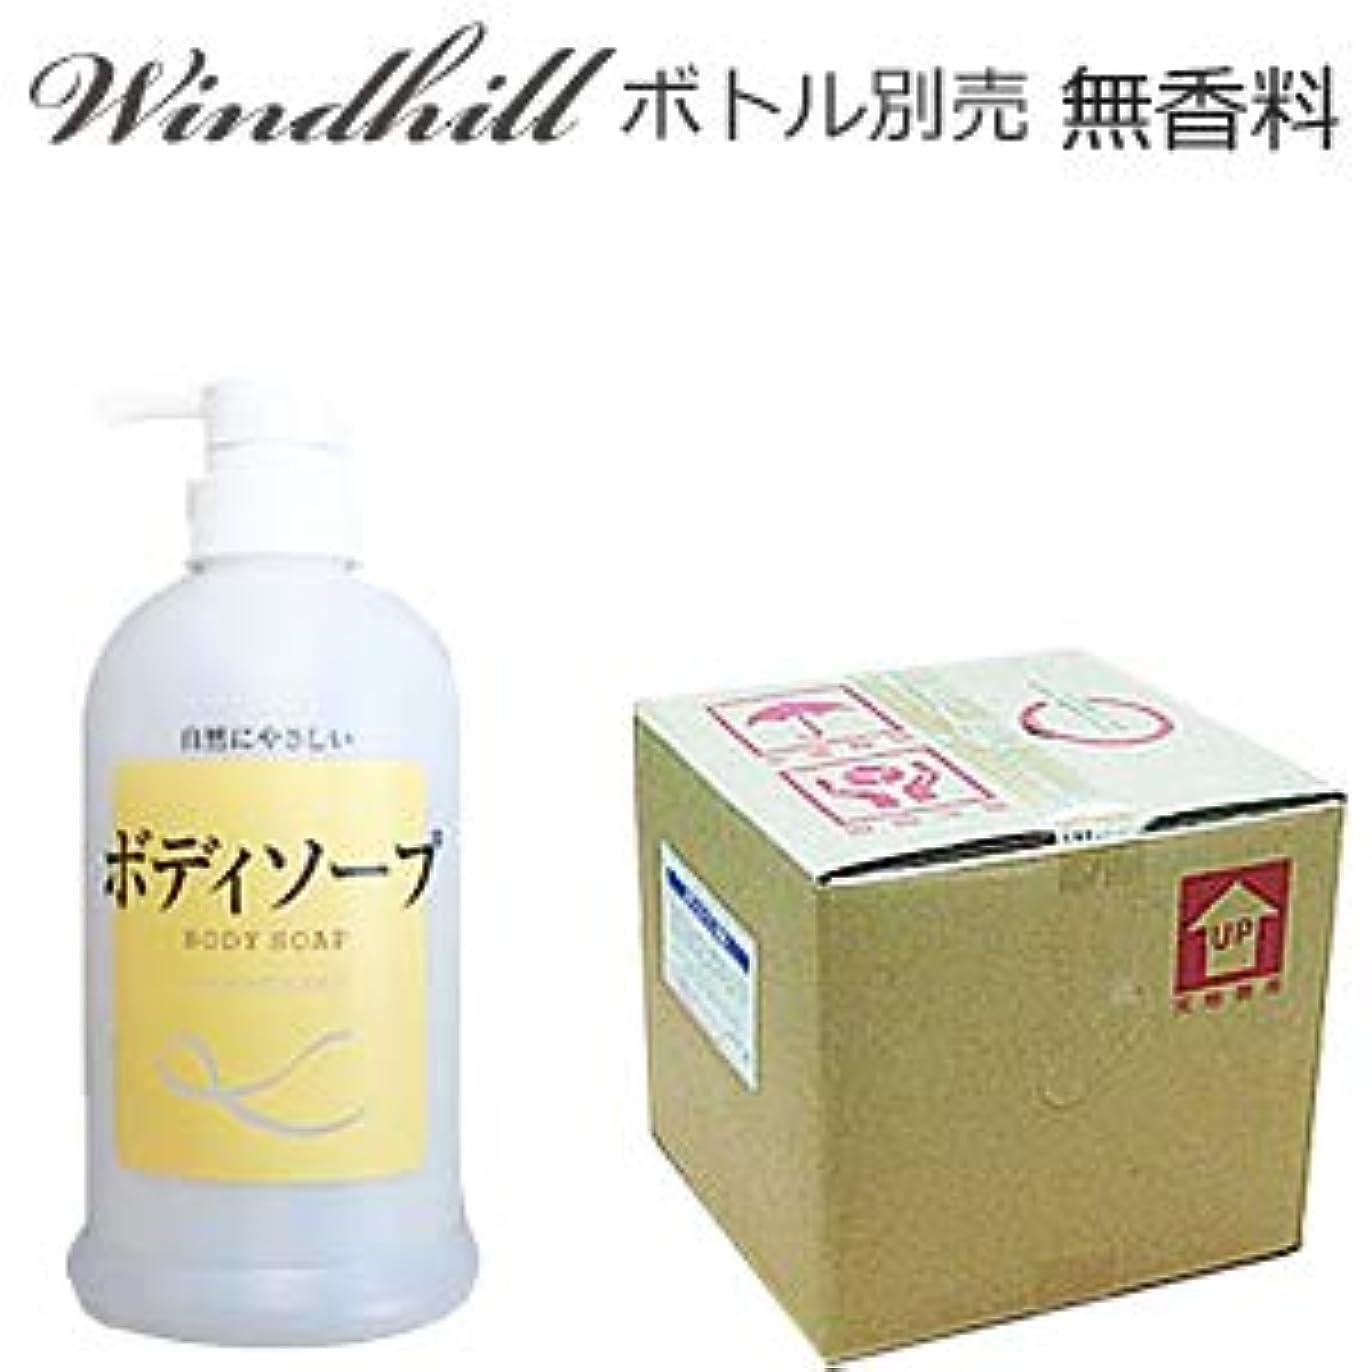 教育学然とした治安判事Windhill 植物性 業務用ボディソープ 無香料 20L(1セット20L入)